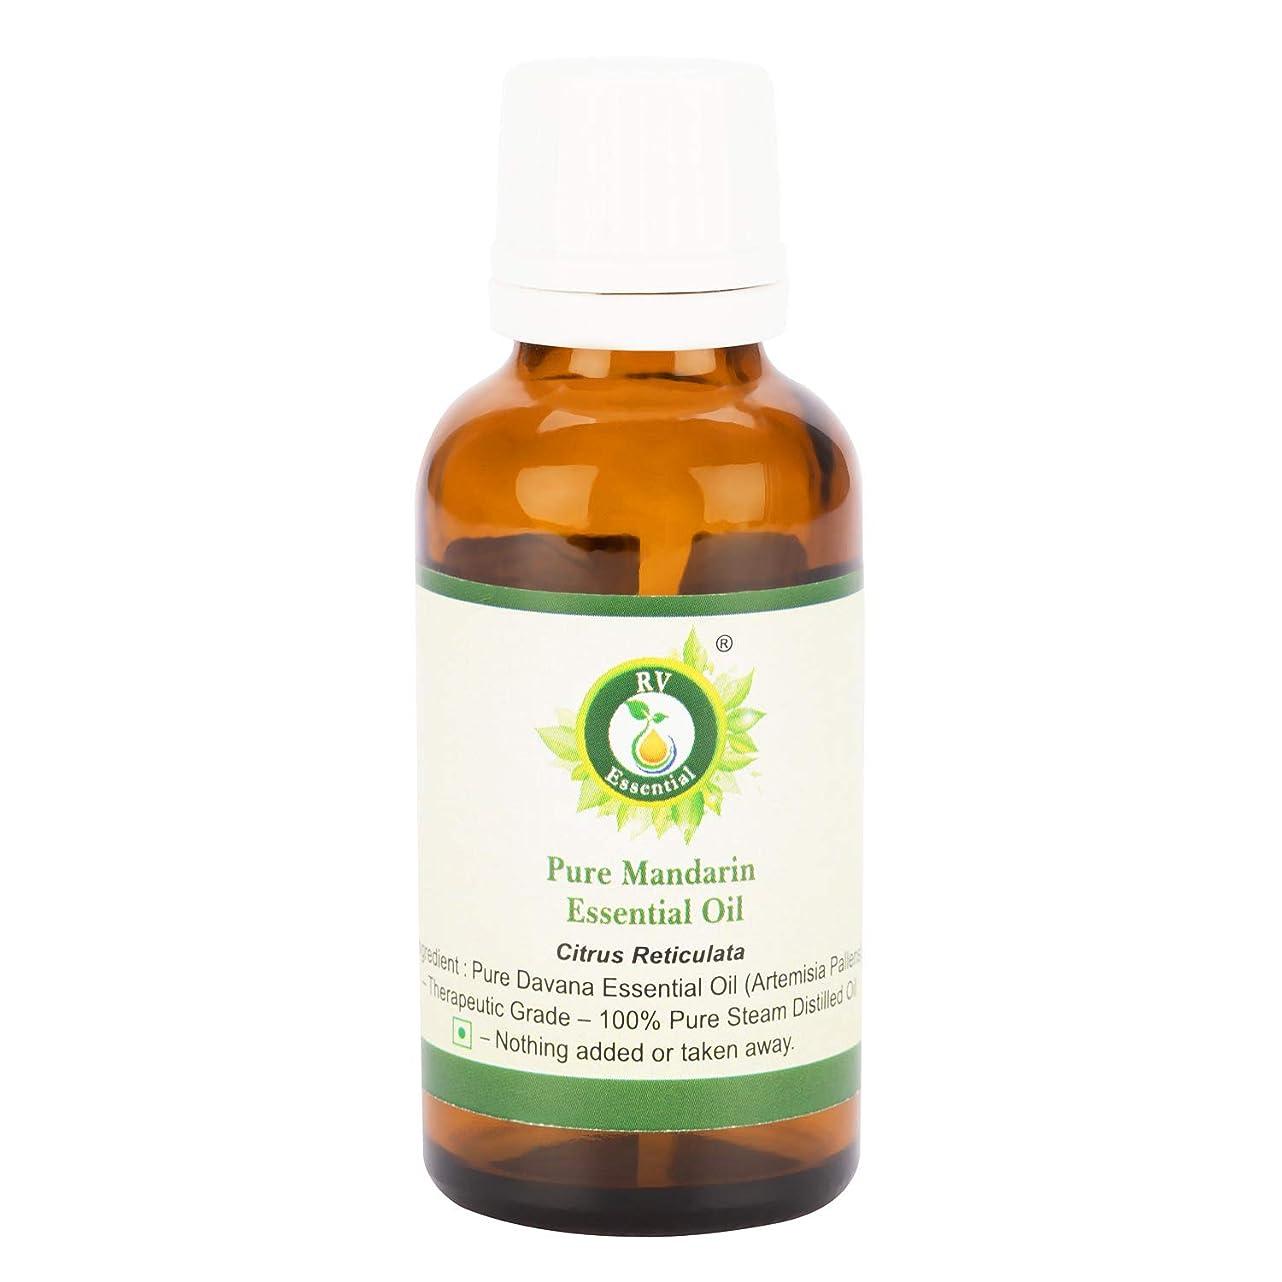 トリムメロドラマ水族館ピュアマンダリンエッセンシャルオイル100ml (3.38oz)- Citrus Reticulata (100%純粋&天然スチームDistilled) Pure Mandarin Essential Oil